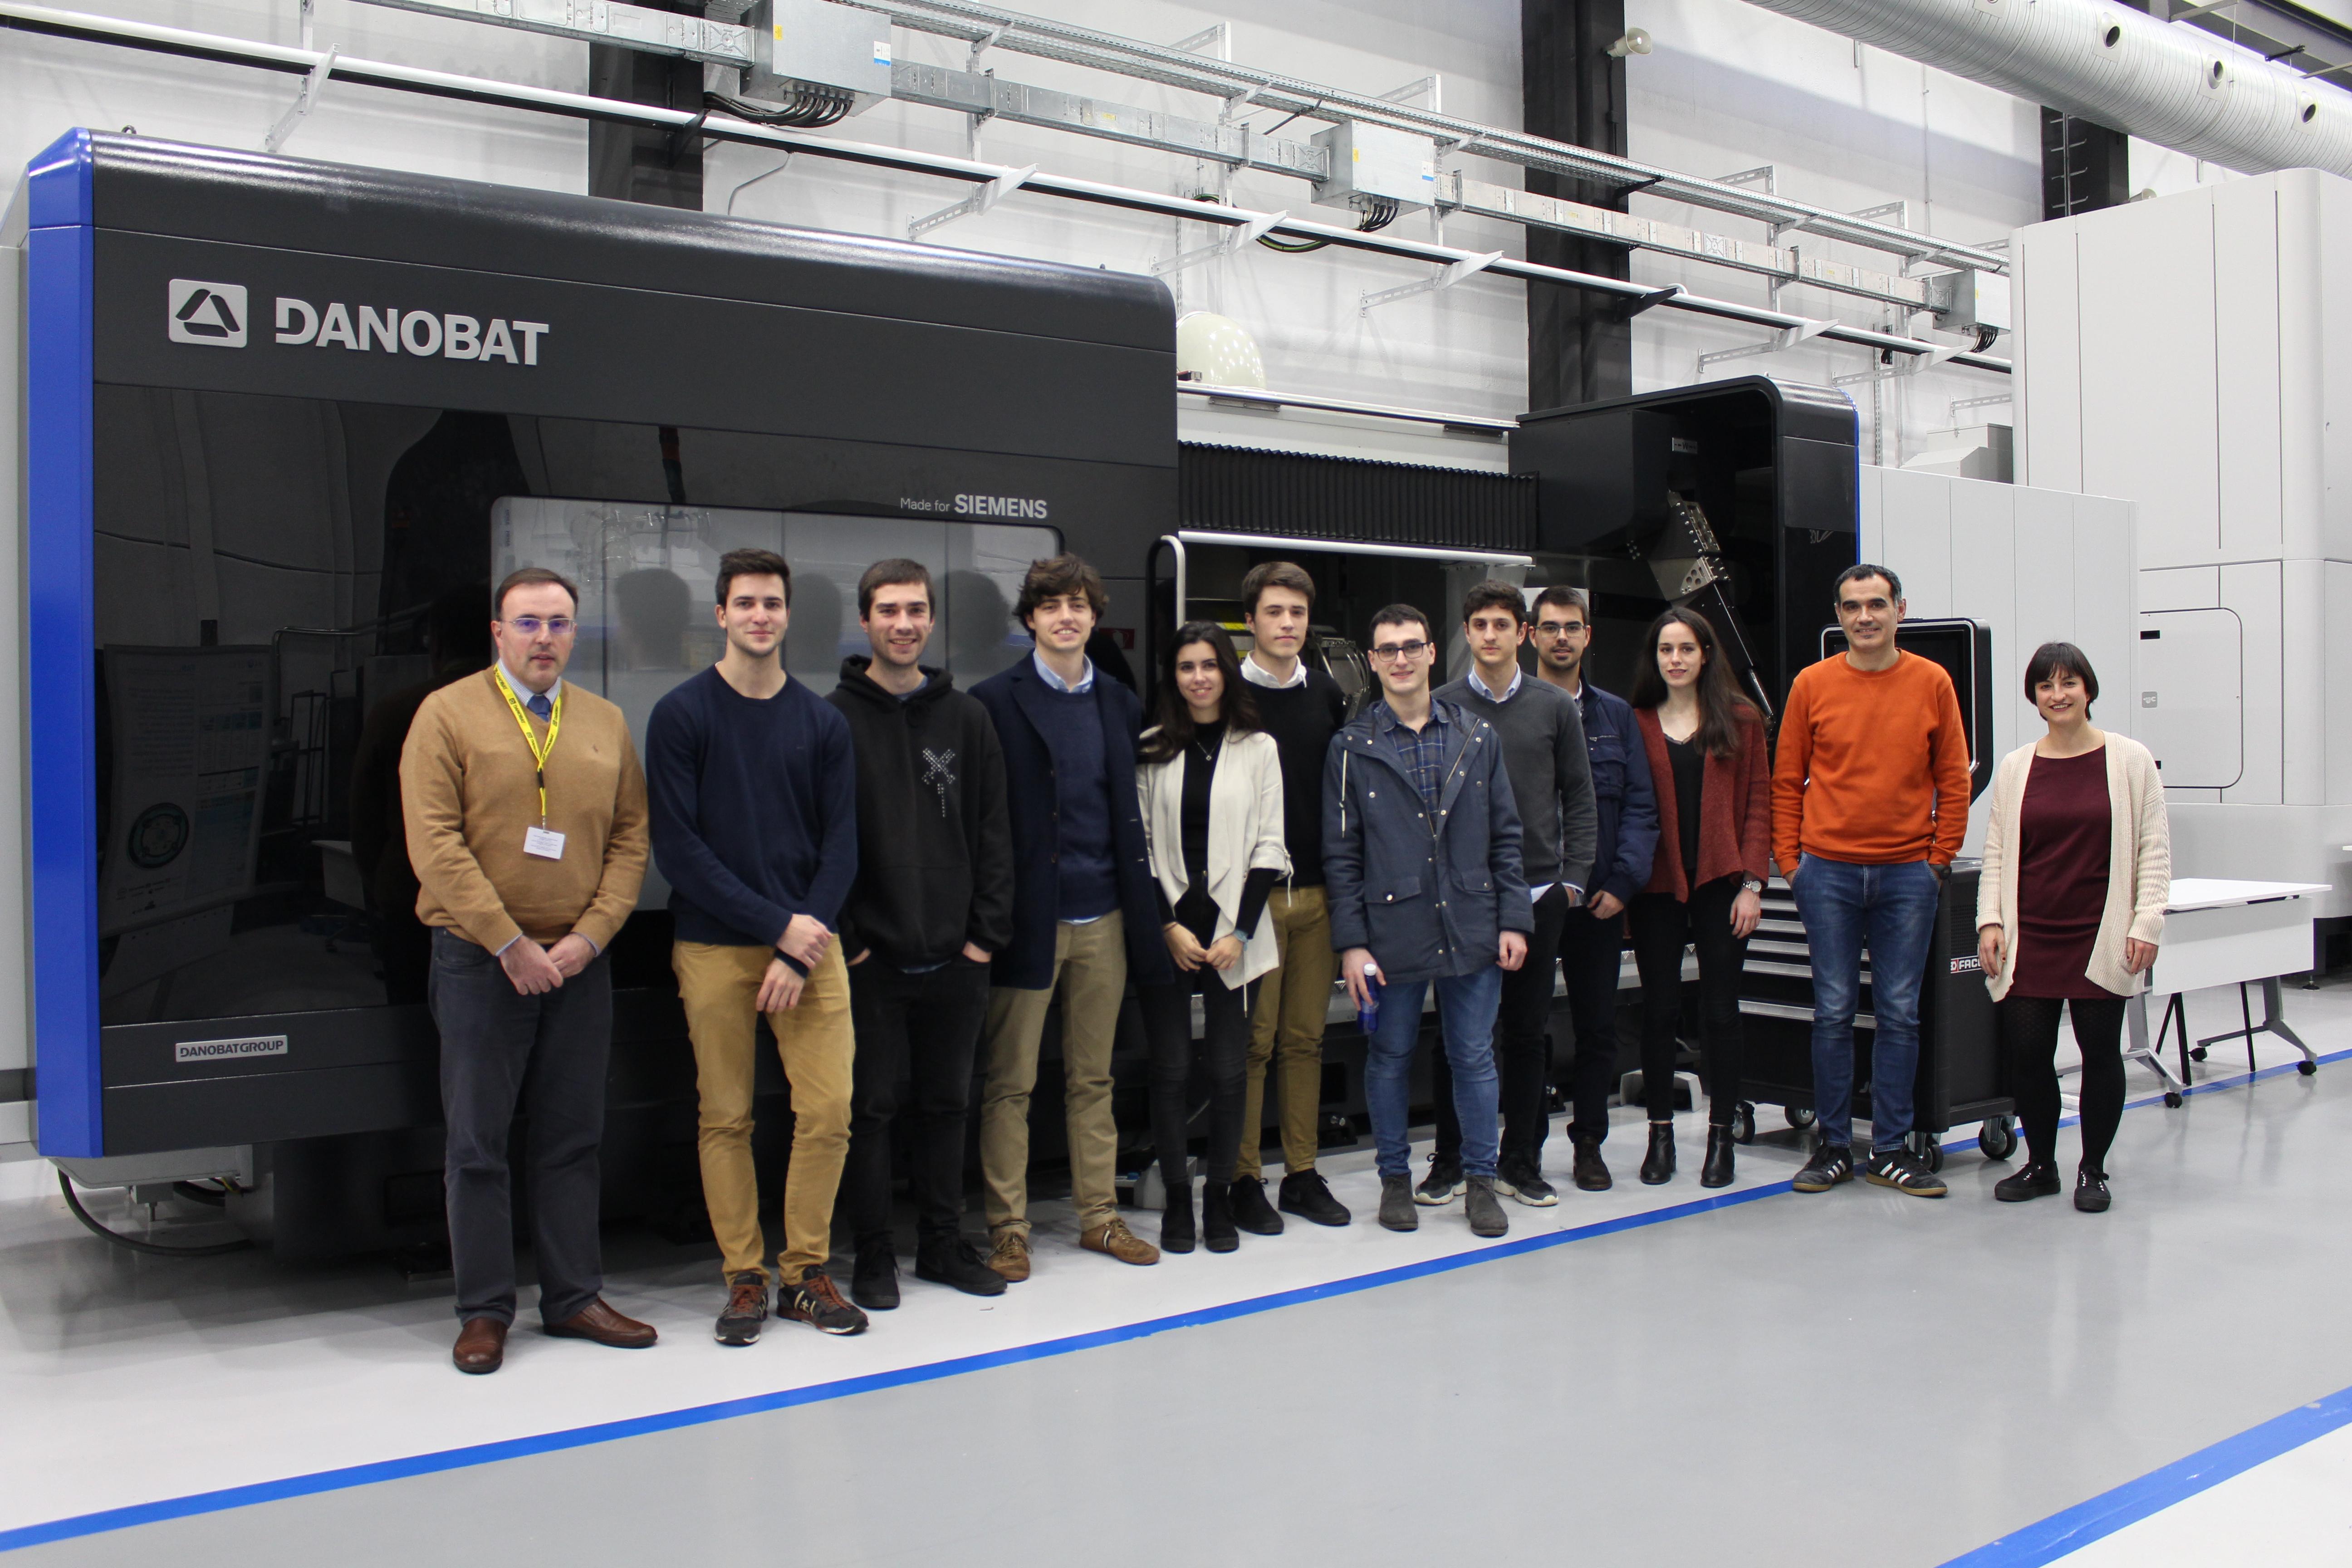 Innovación tecnológica en las aulas: Danobatgroup premia un proyecto diseñado por estudiantes de Tecnun